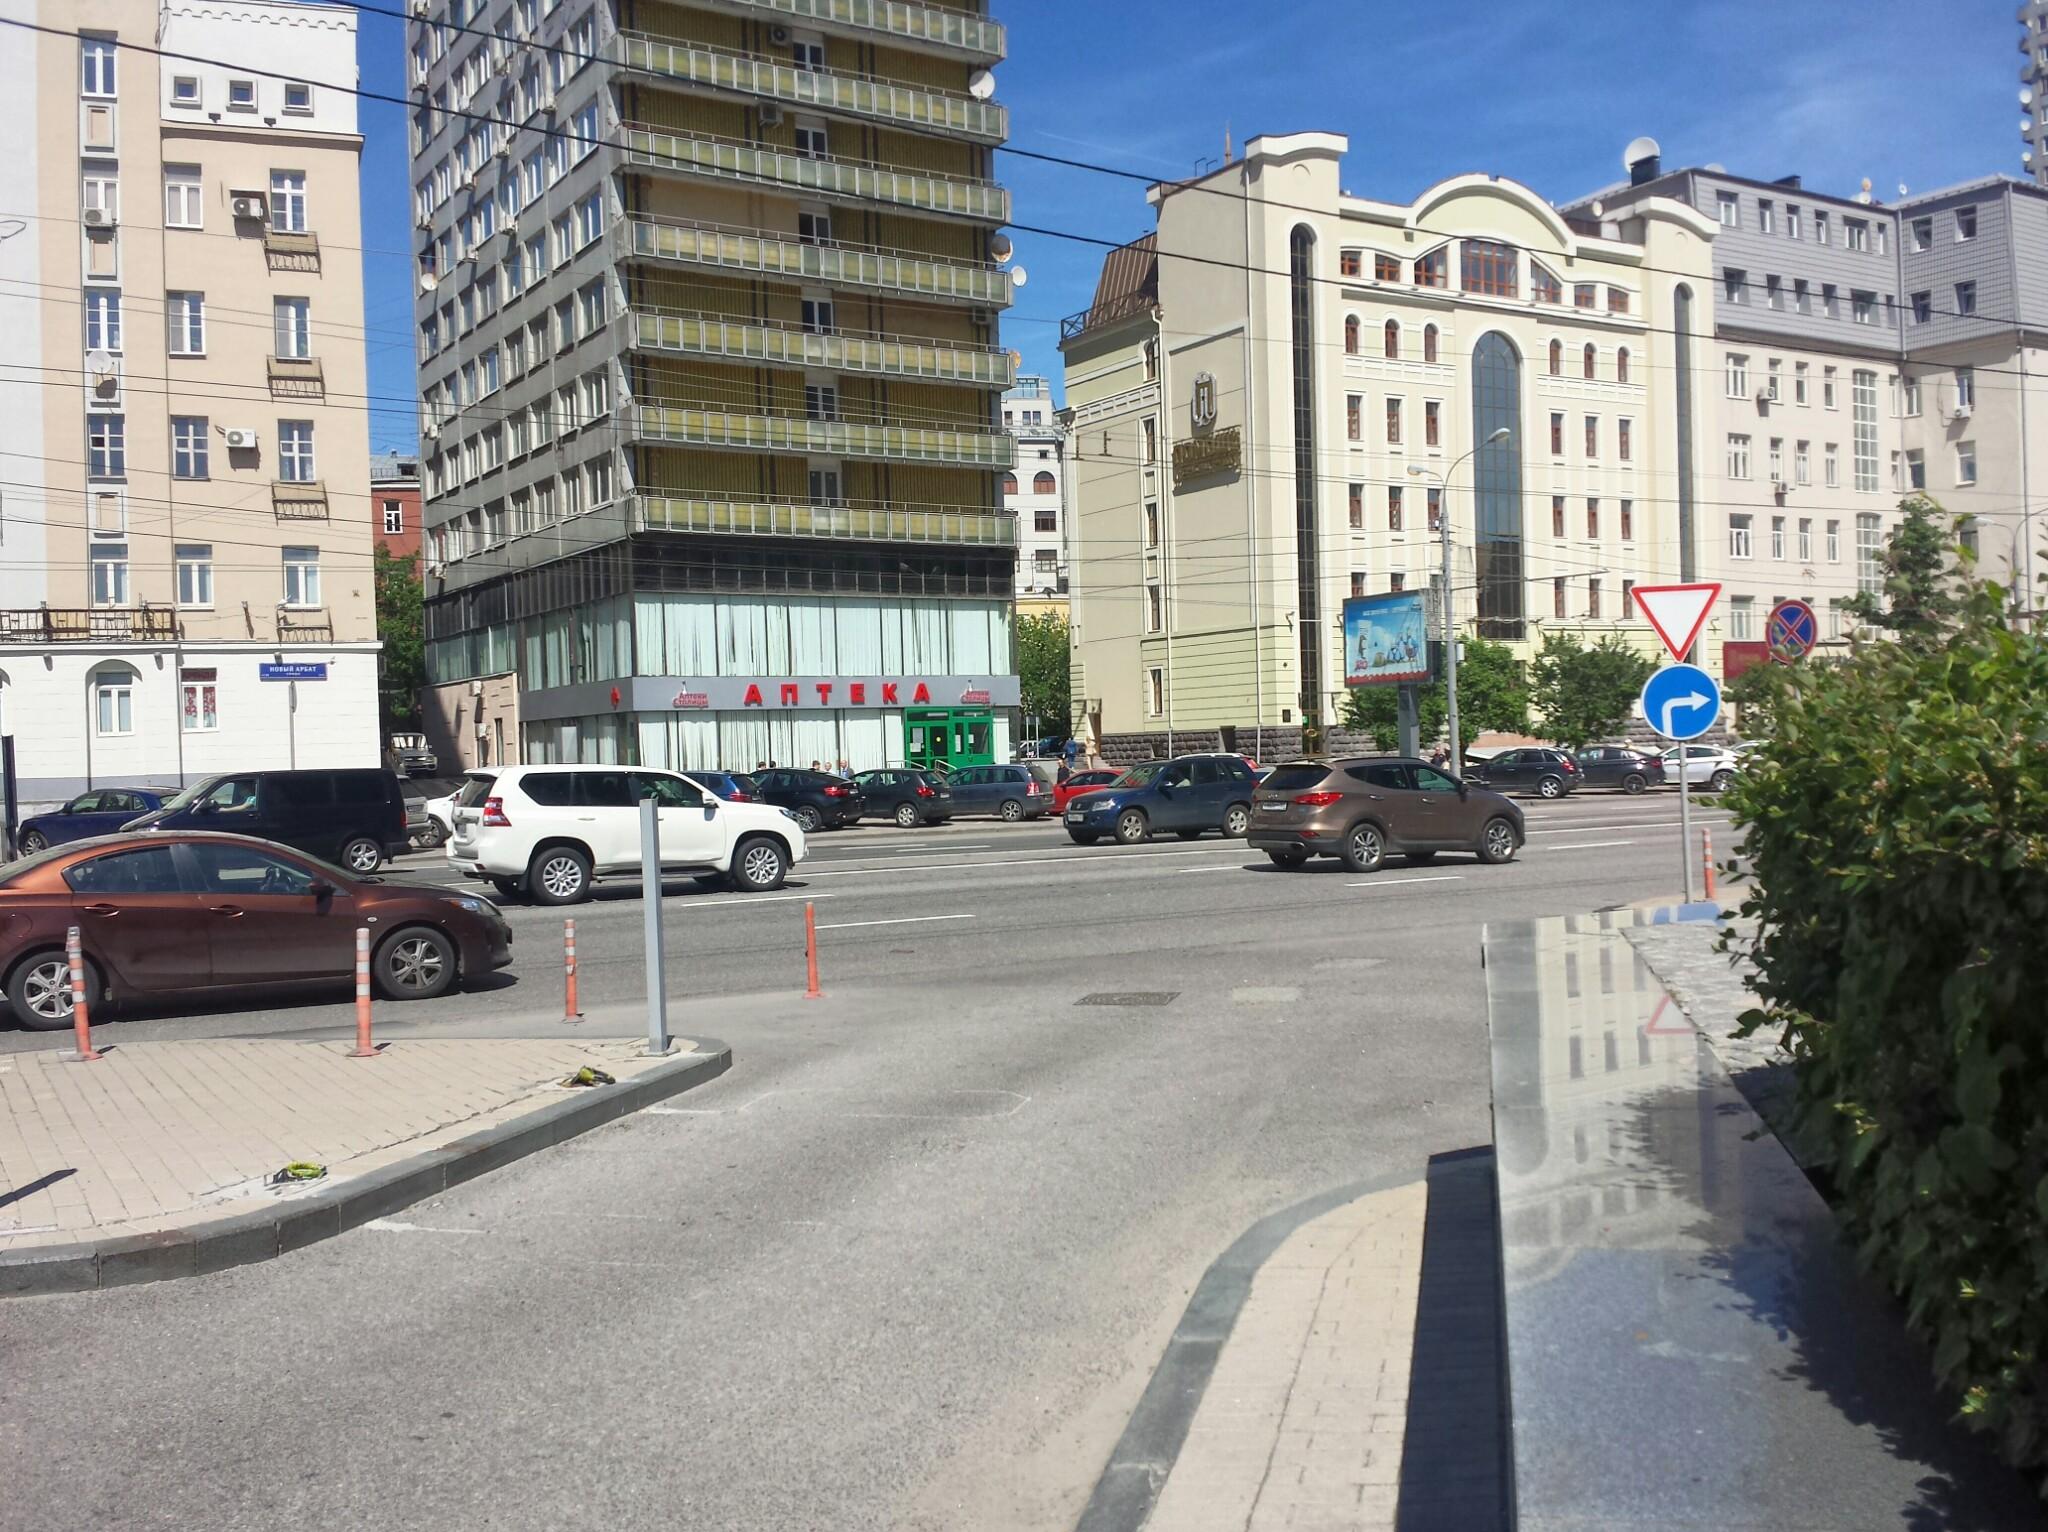 Как работают платные парковки в центре спб - 3